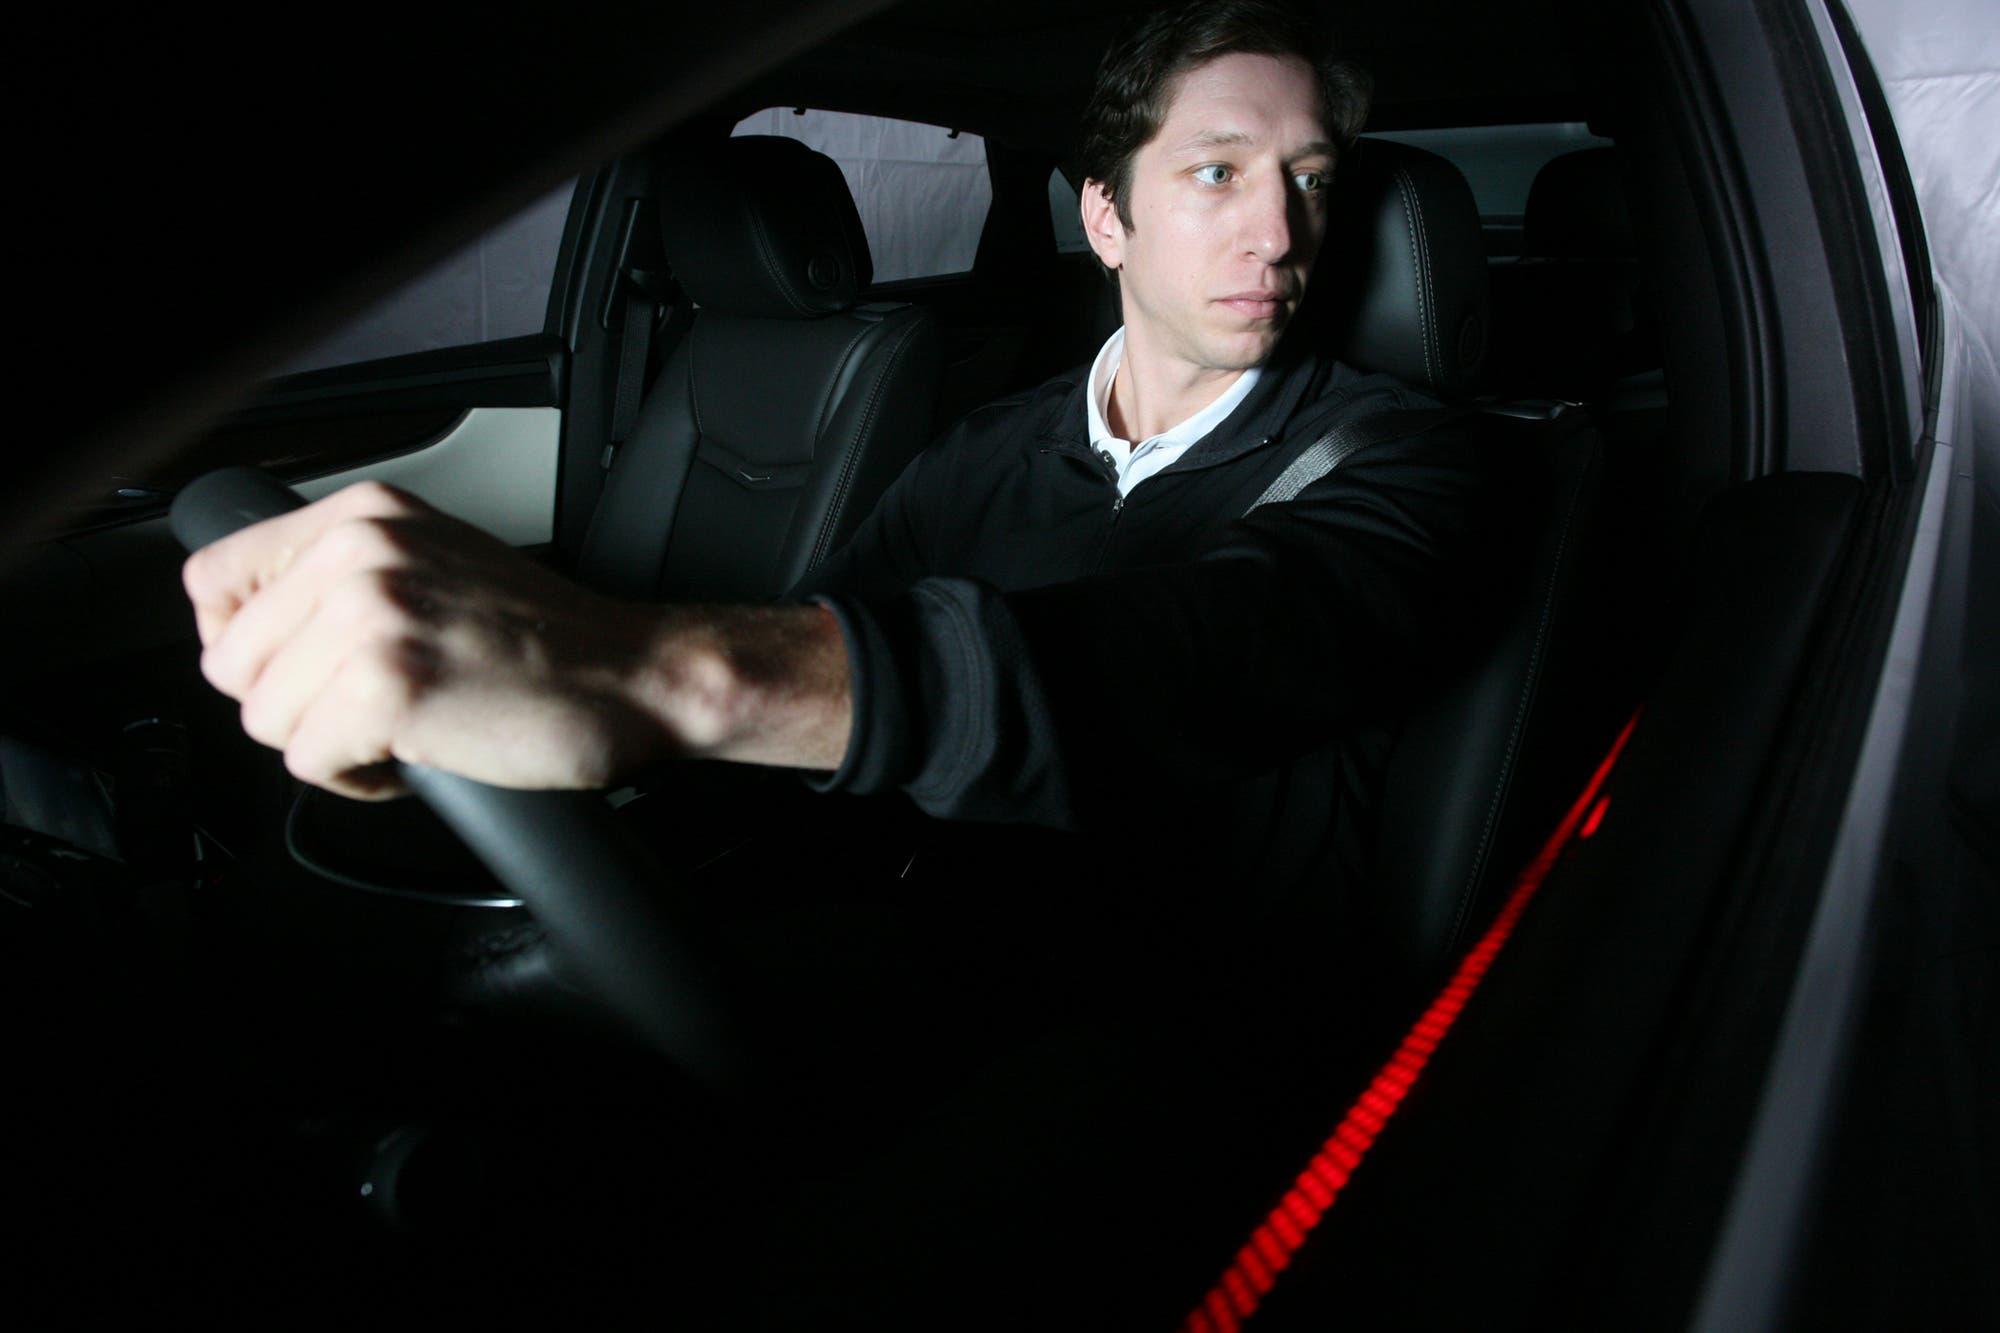 Cómo detectar el cansancio o la distracción al volante con la ayuda de la inteligencia artificial